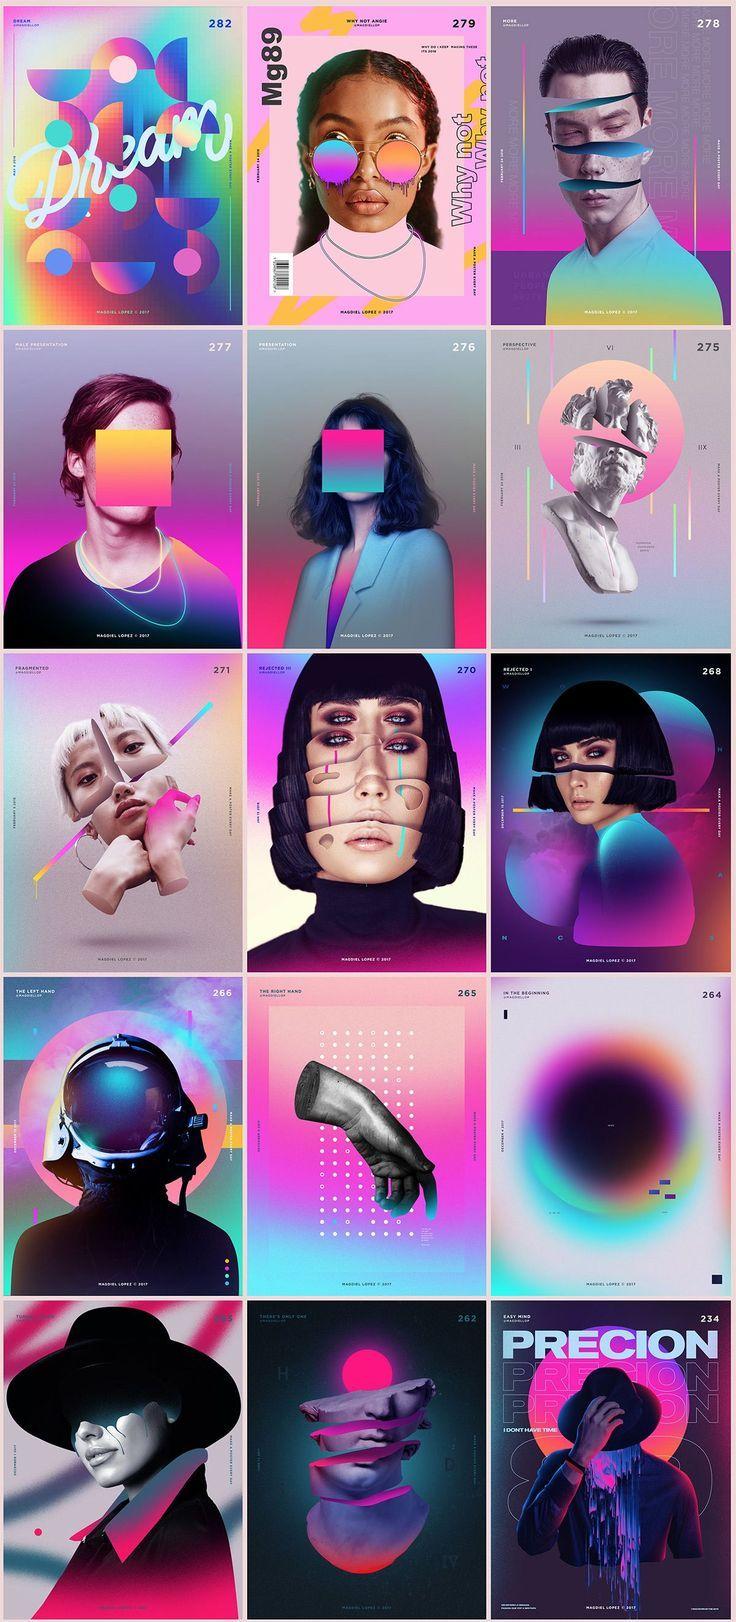 Grafikdesign-Trends 2018 Magdiel ist ein Künstler / Kreativdirektor, der in …